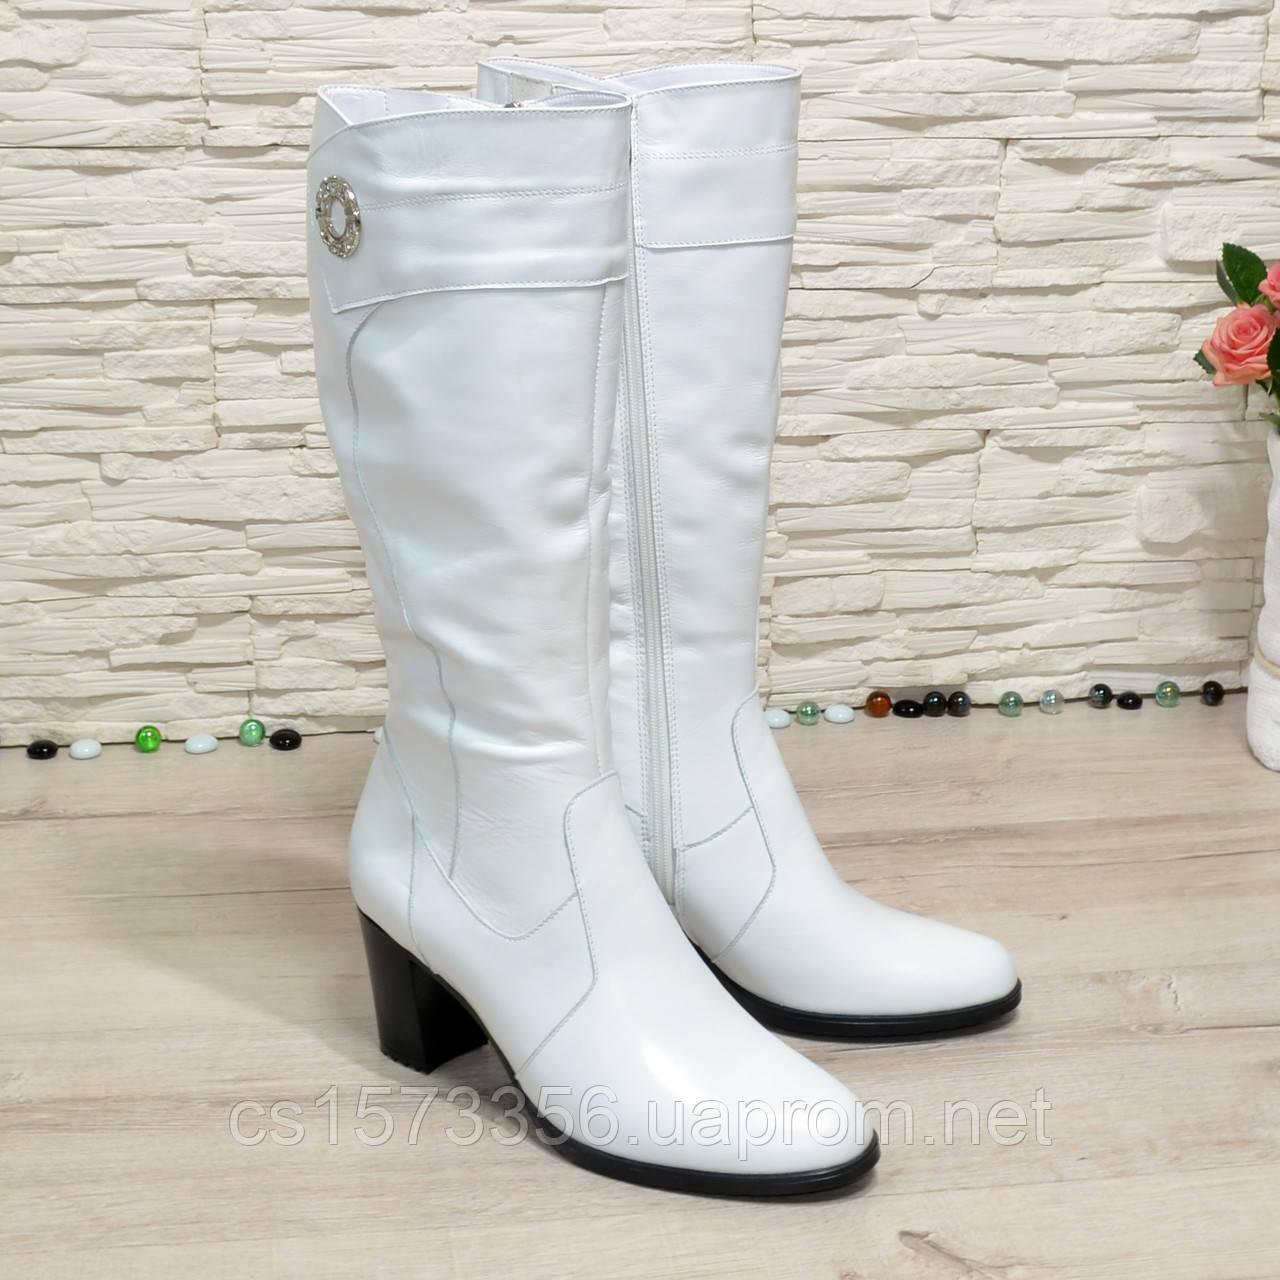 Сапоги женские кожаные на  устойчивом каблуке. Цвет белый